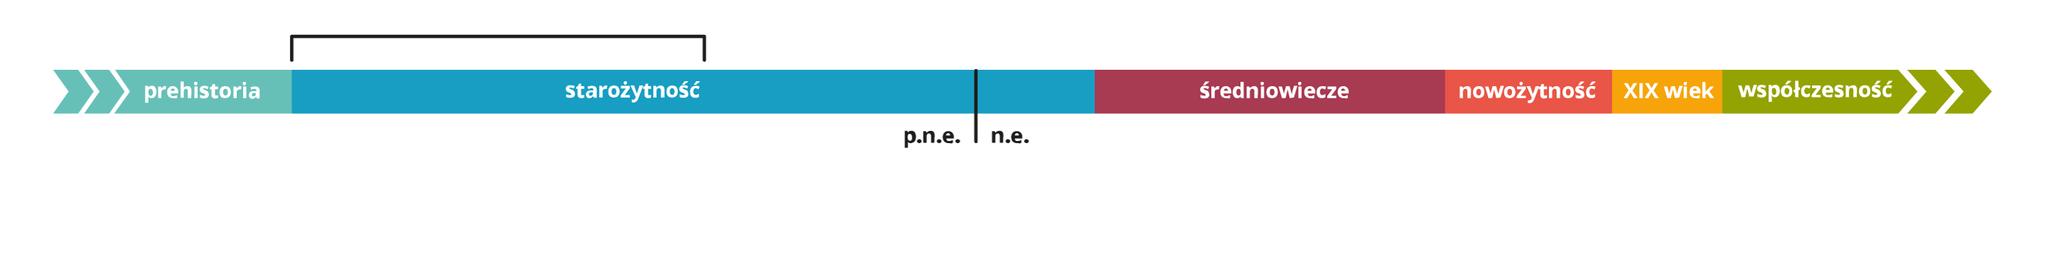 Oś czasu Źródło: Contentplus.pl sp. zo.o., licencja: CC BY 3.0.